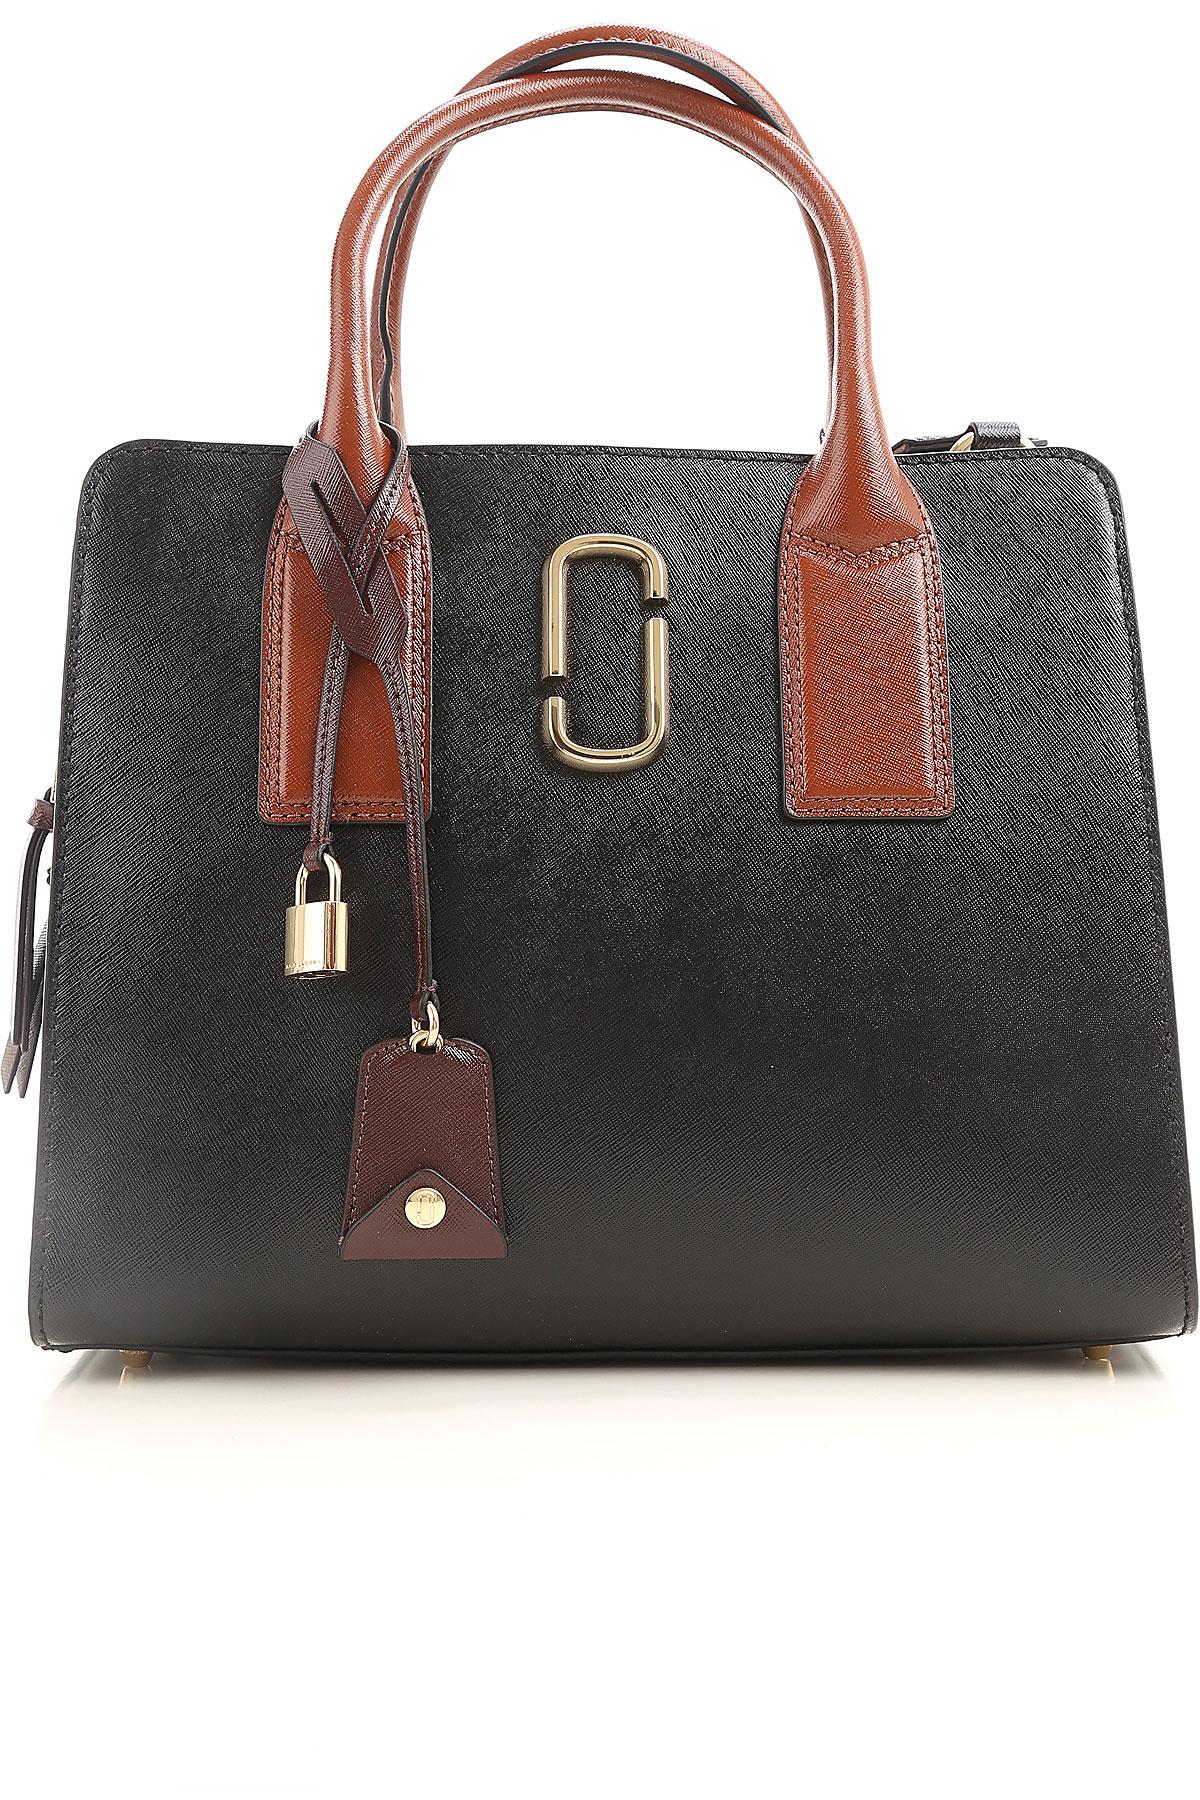 Marc Jacobs Top Handle Handbag On Sale, Black, Leather, 2017 USA-426173